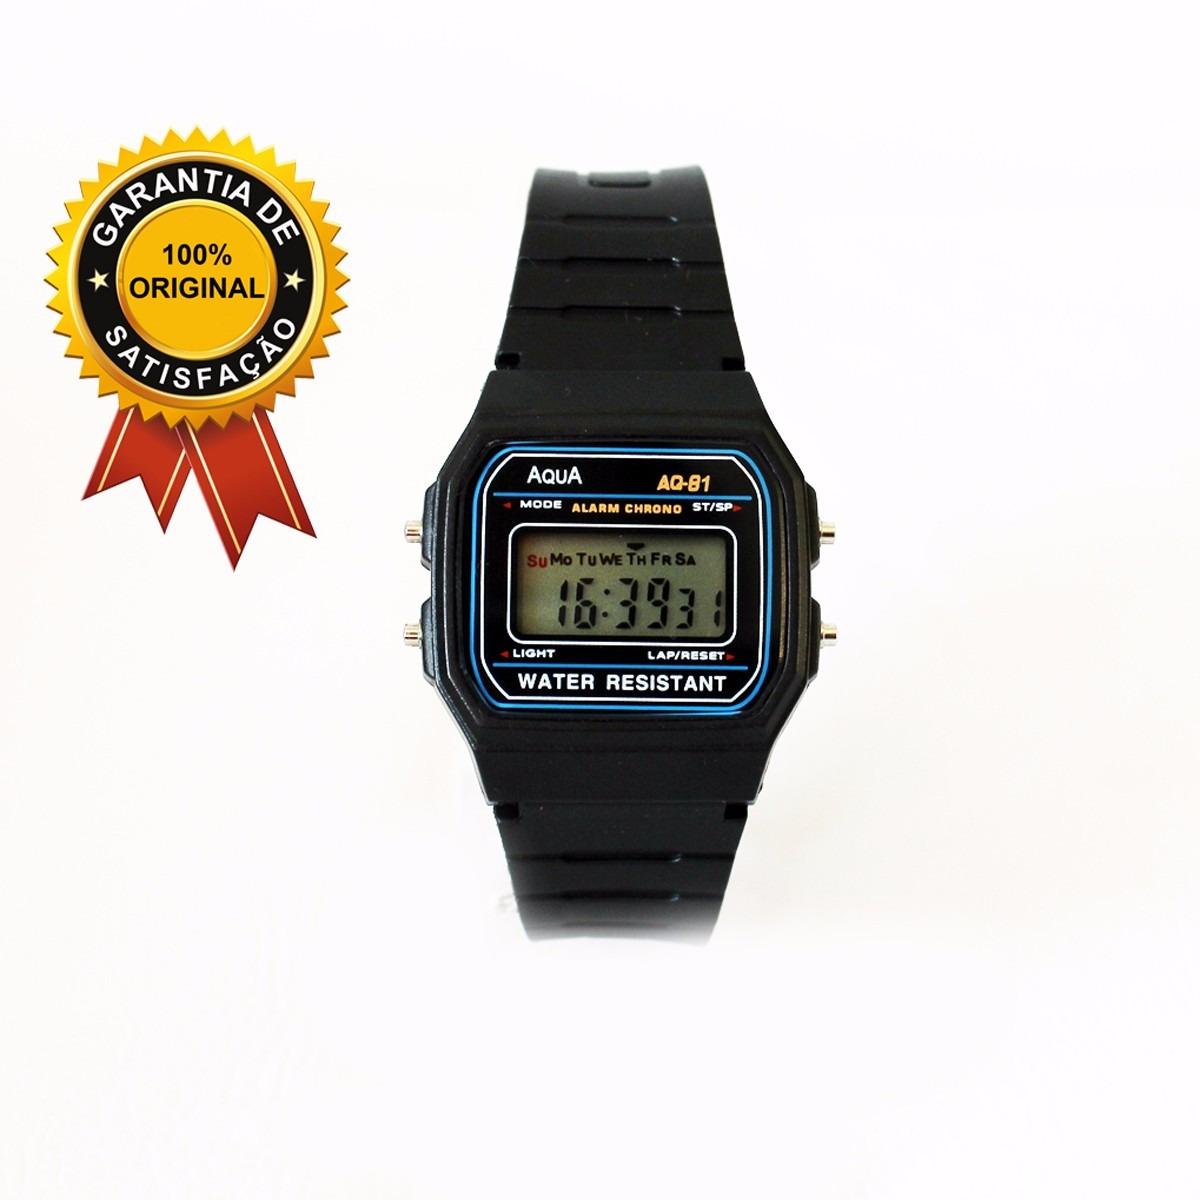 80d43f05c34 relógio aq 81 esporte a prova d agua. Carregando zoom.